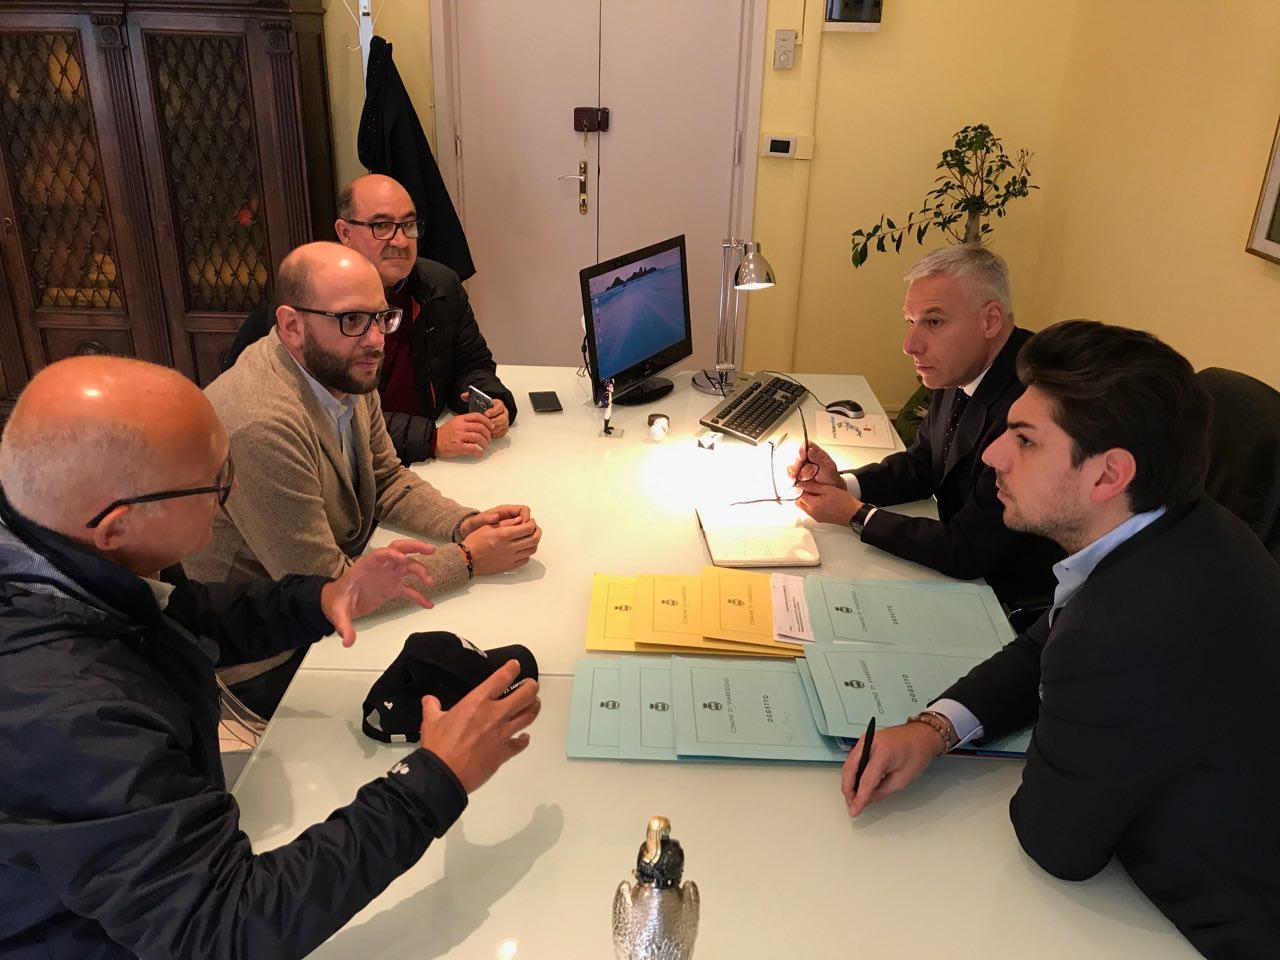 Del Ghingaro incontra i presidenti del Viareggio calcio e del CGC